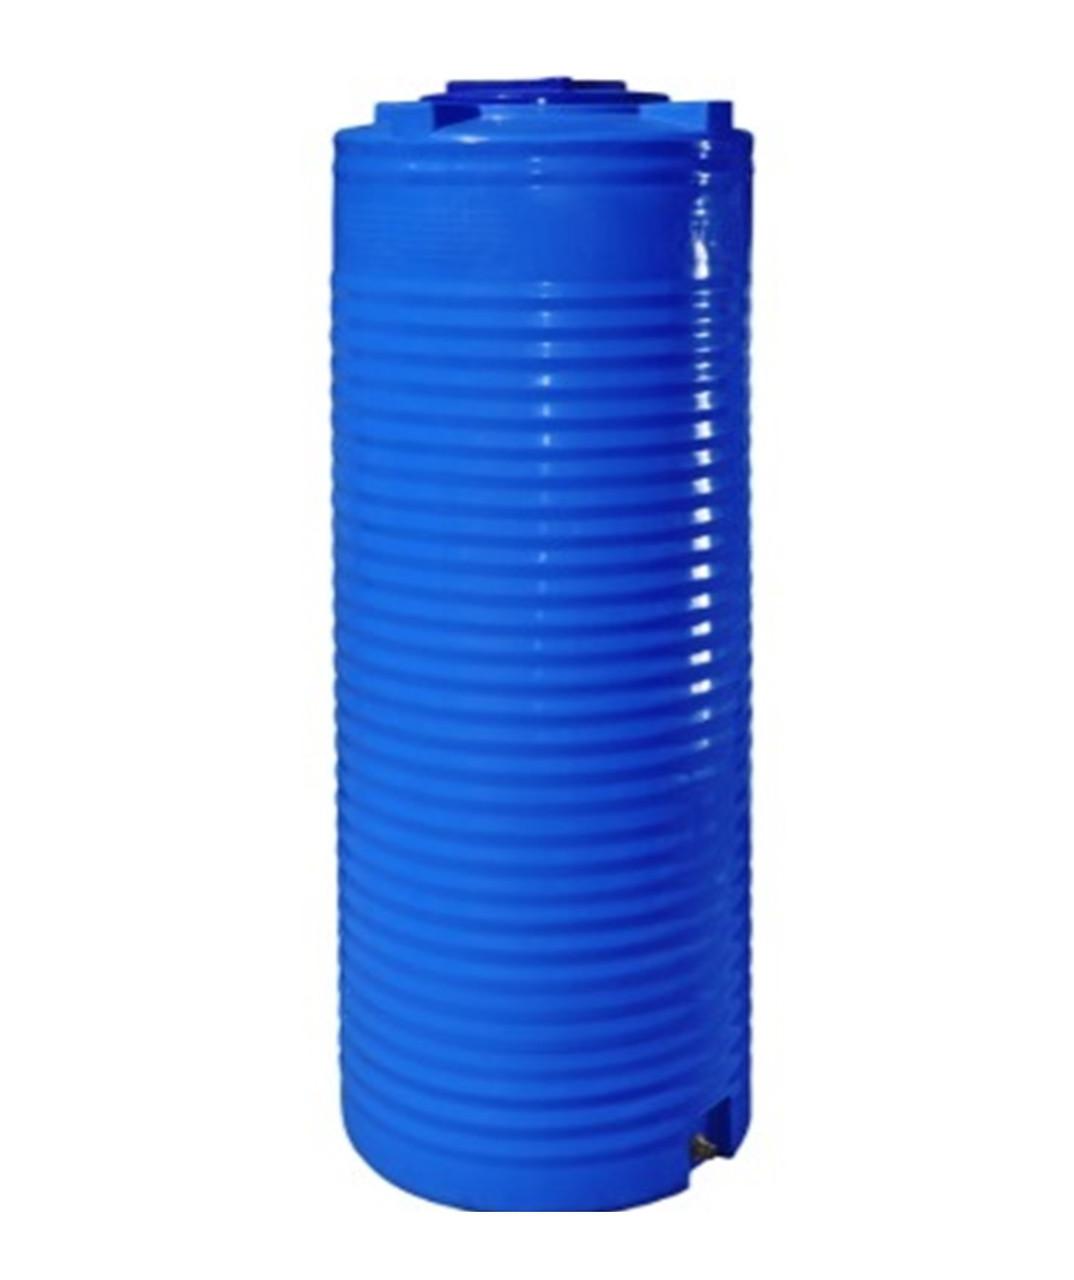 Емкость двухслойная вертикальная узкая R.EURO PLAST RVД 1000 У (80х225), даметр люка 35 см, штуцер 3/4''